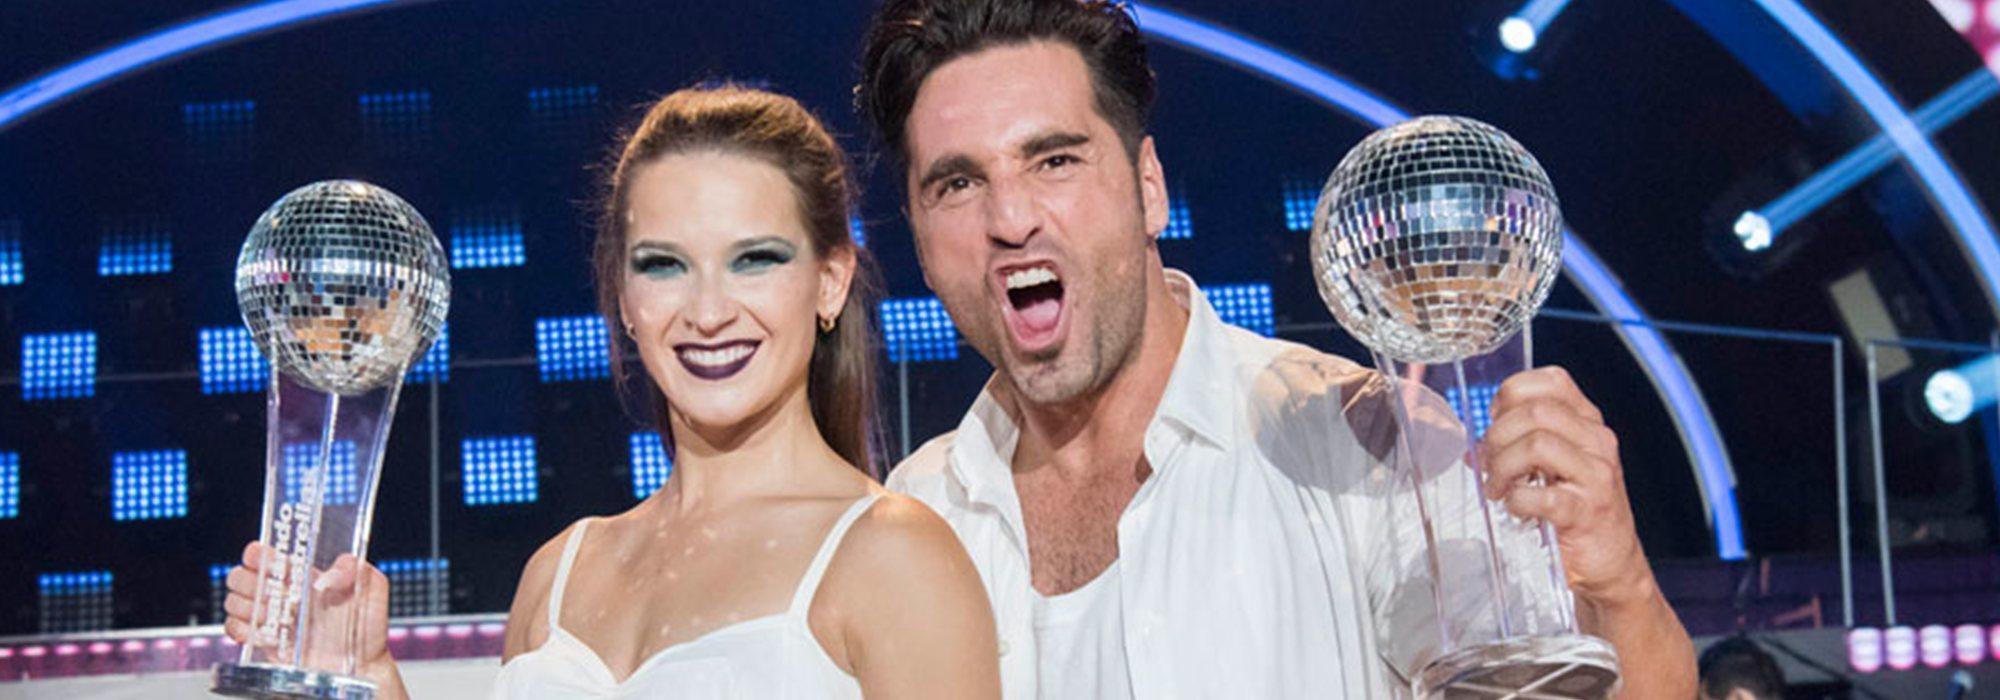 9 famosos que ganaron más de un reality o talent show